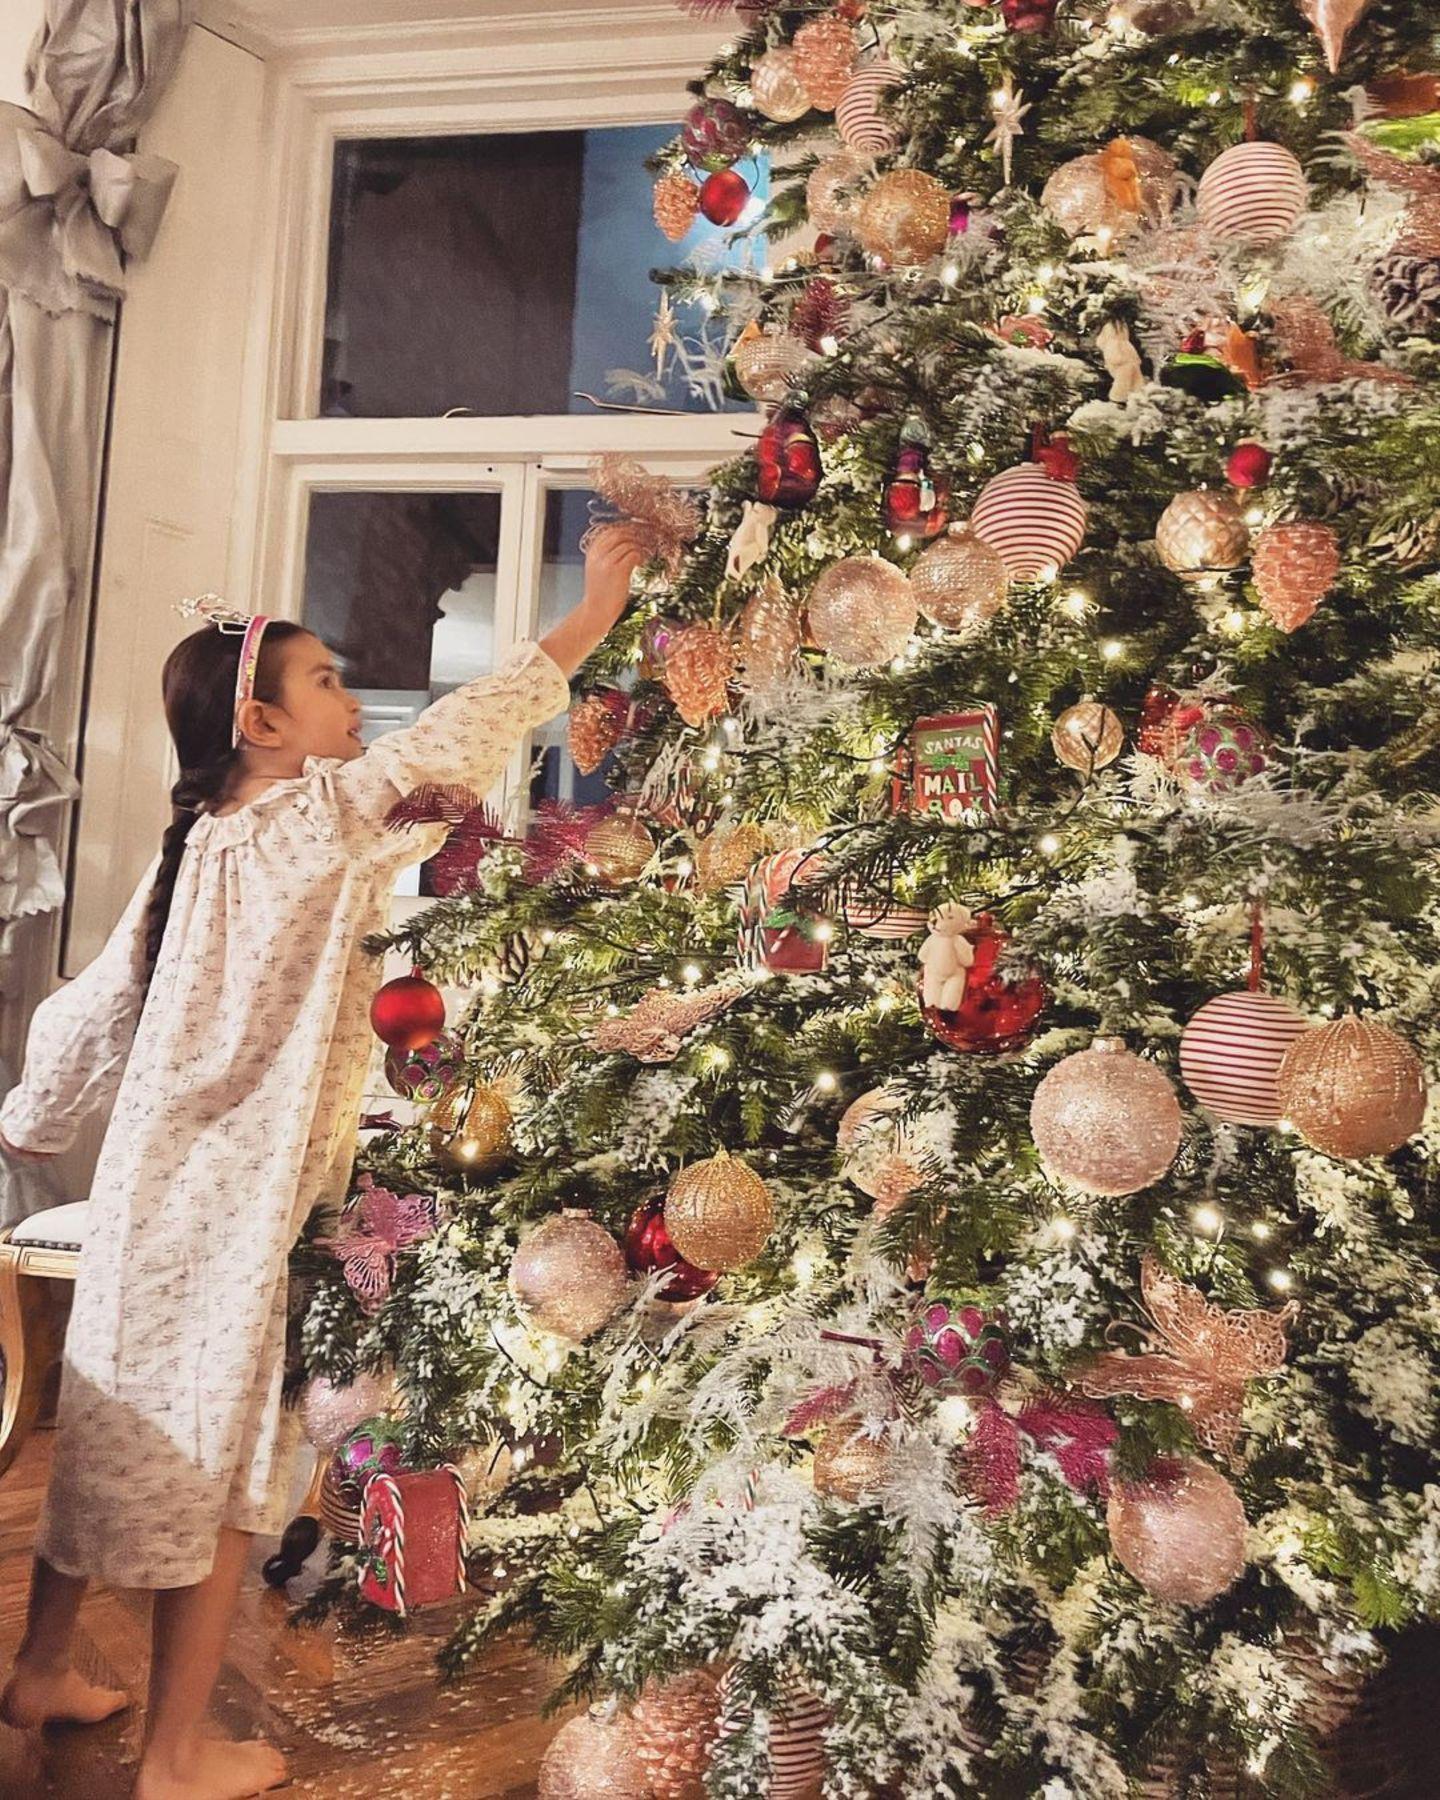 Santa hat fleißige Hilfe: Top-Stylistin Caroline Sieber und ihre Tochter Electra dekorieren den gigantischen Weihnachtsbaum mit Kugeln und Anhängern in Pastellfarben von Creme bis Rosé.